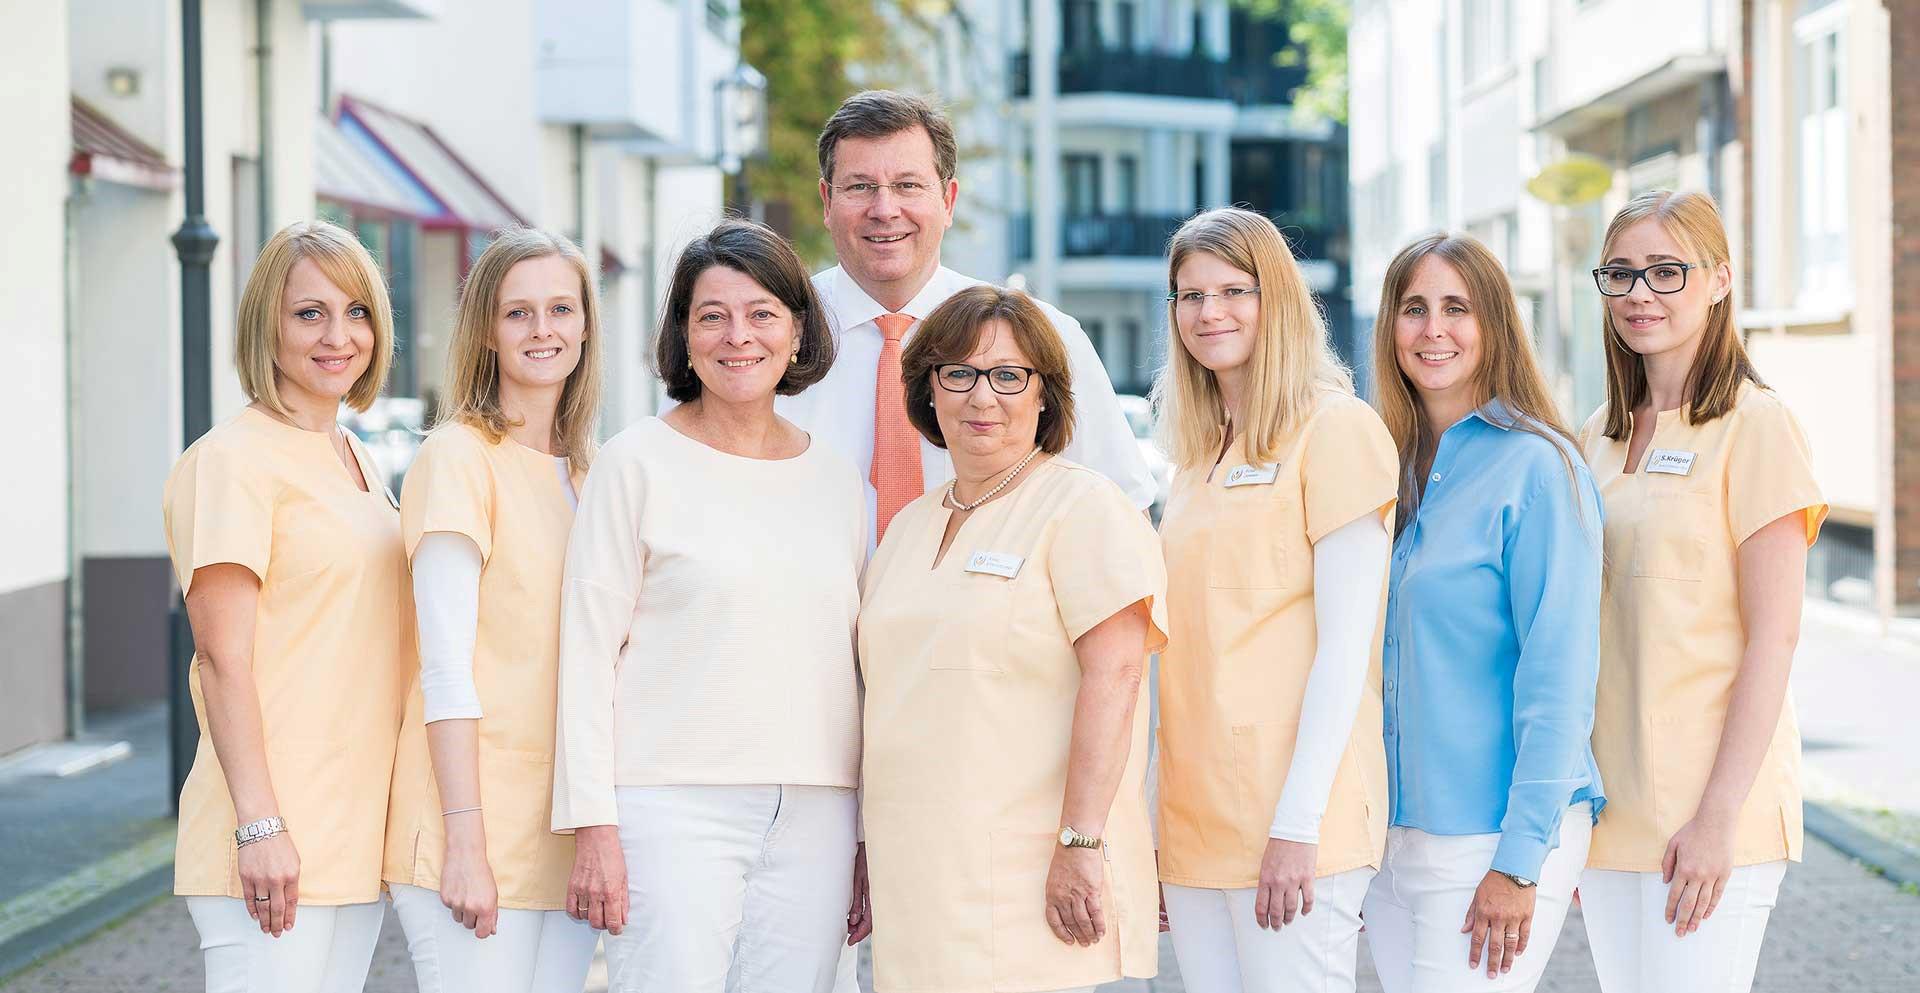 Das Bild zeigt das Team der Praxis Dr. Klumm